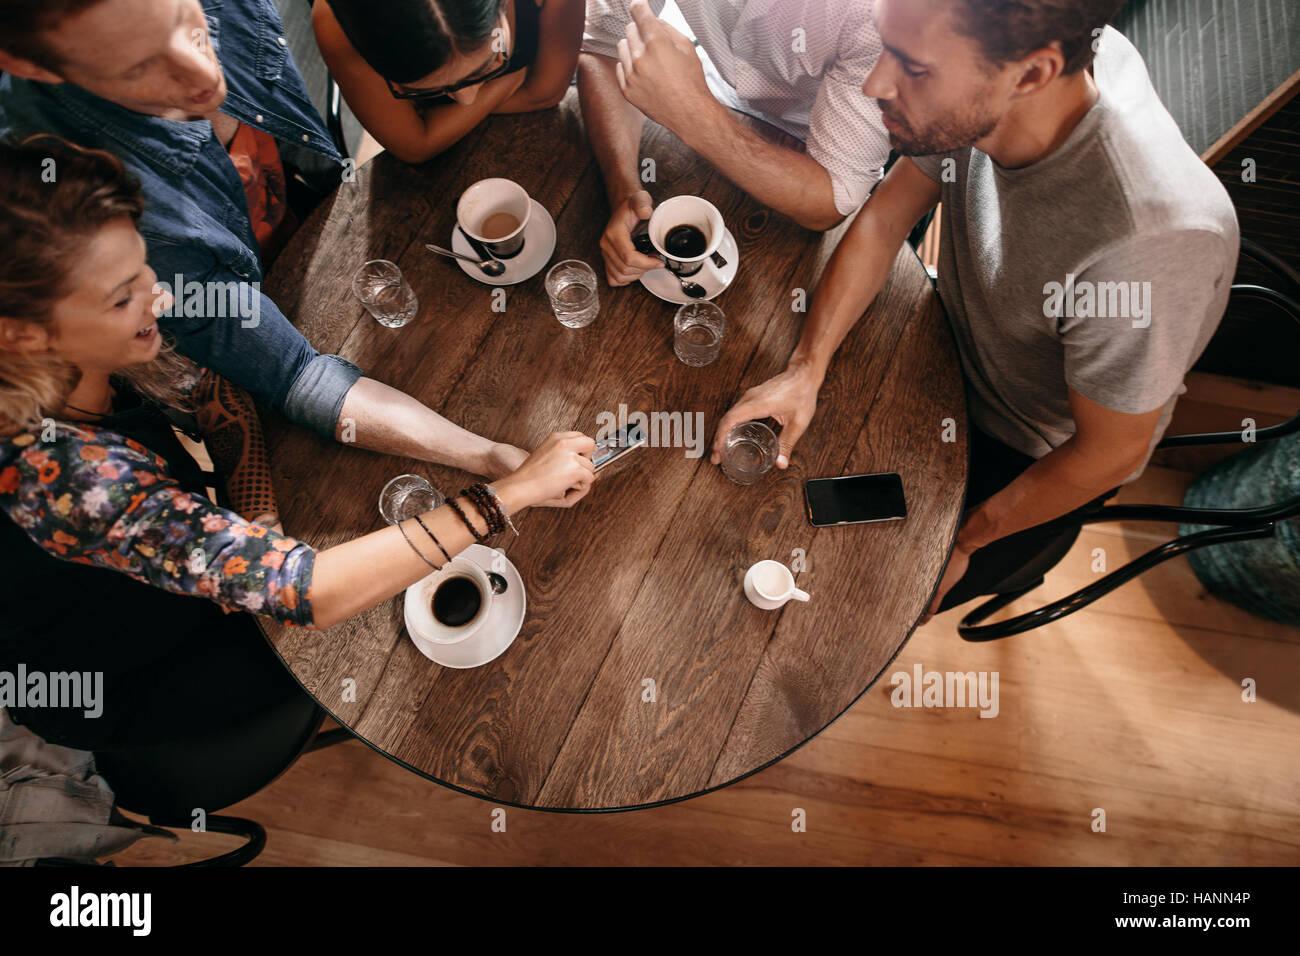 Draufsicht der Jugendlichen an einem Cafétisch sitzen und mit Blick auf Handy. Junge Männer und Frauen Stockbild